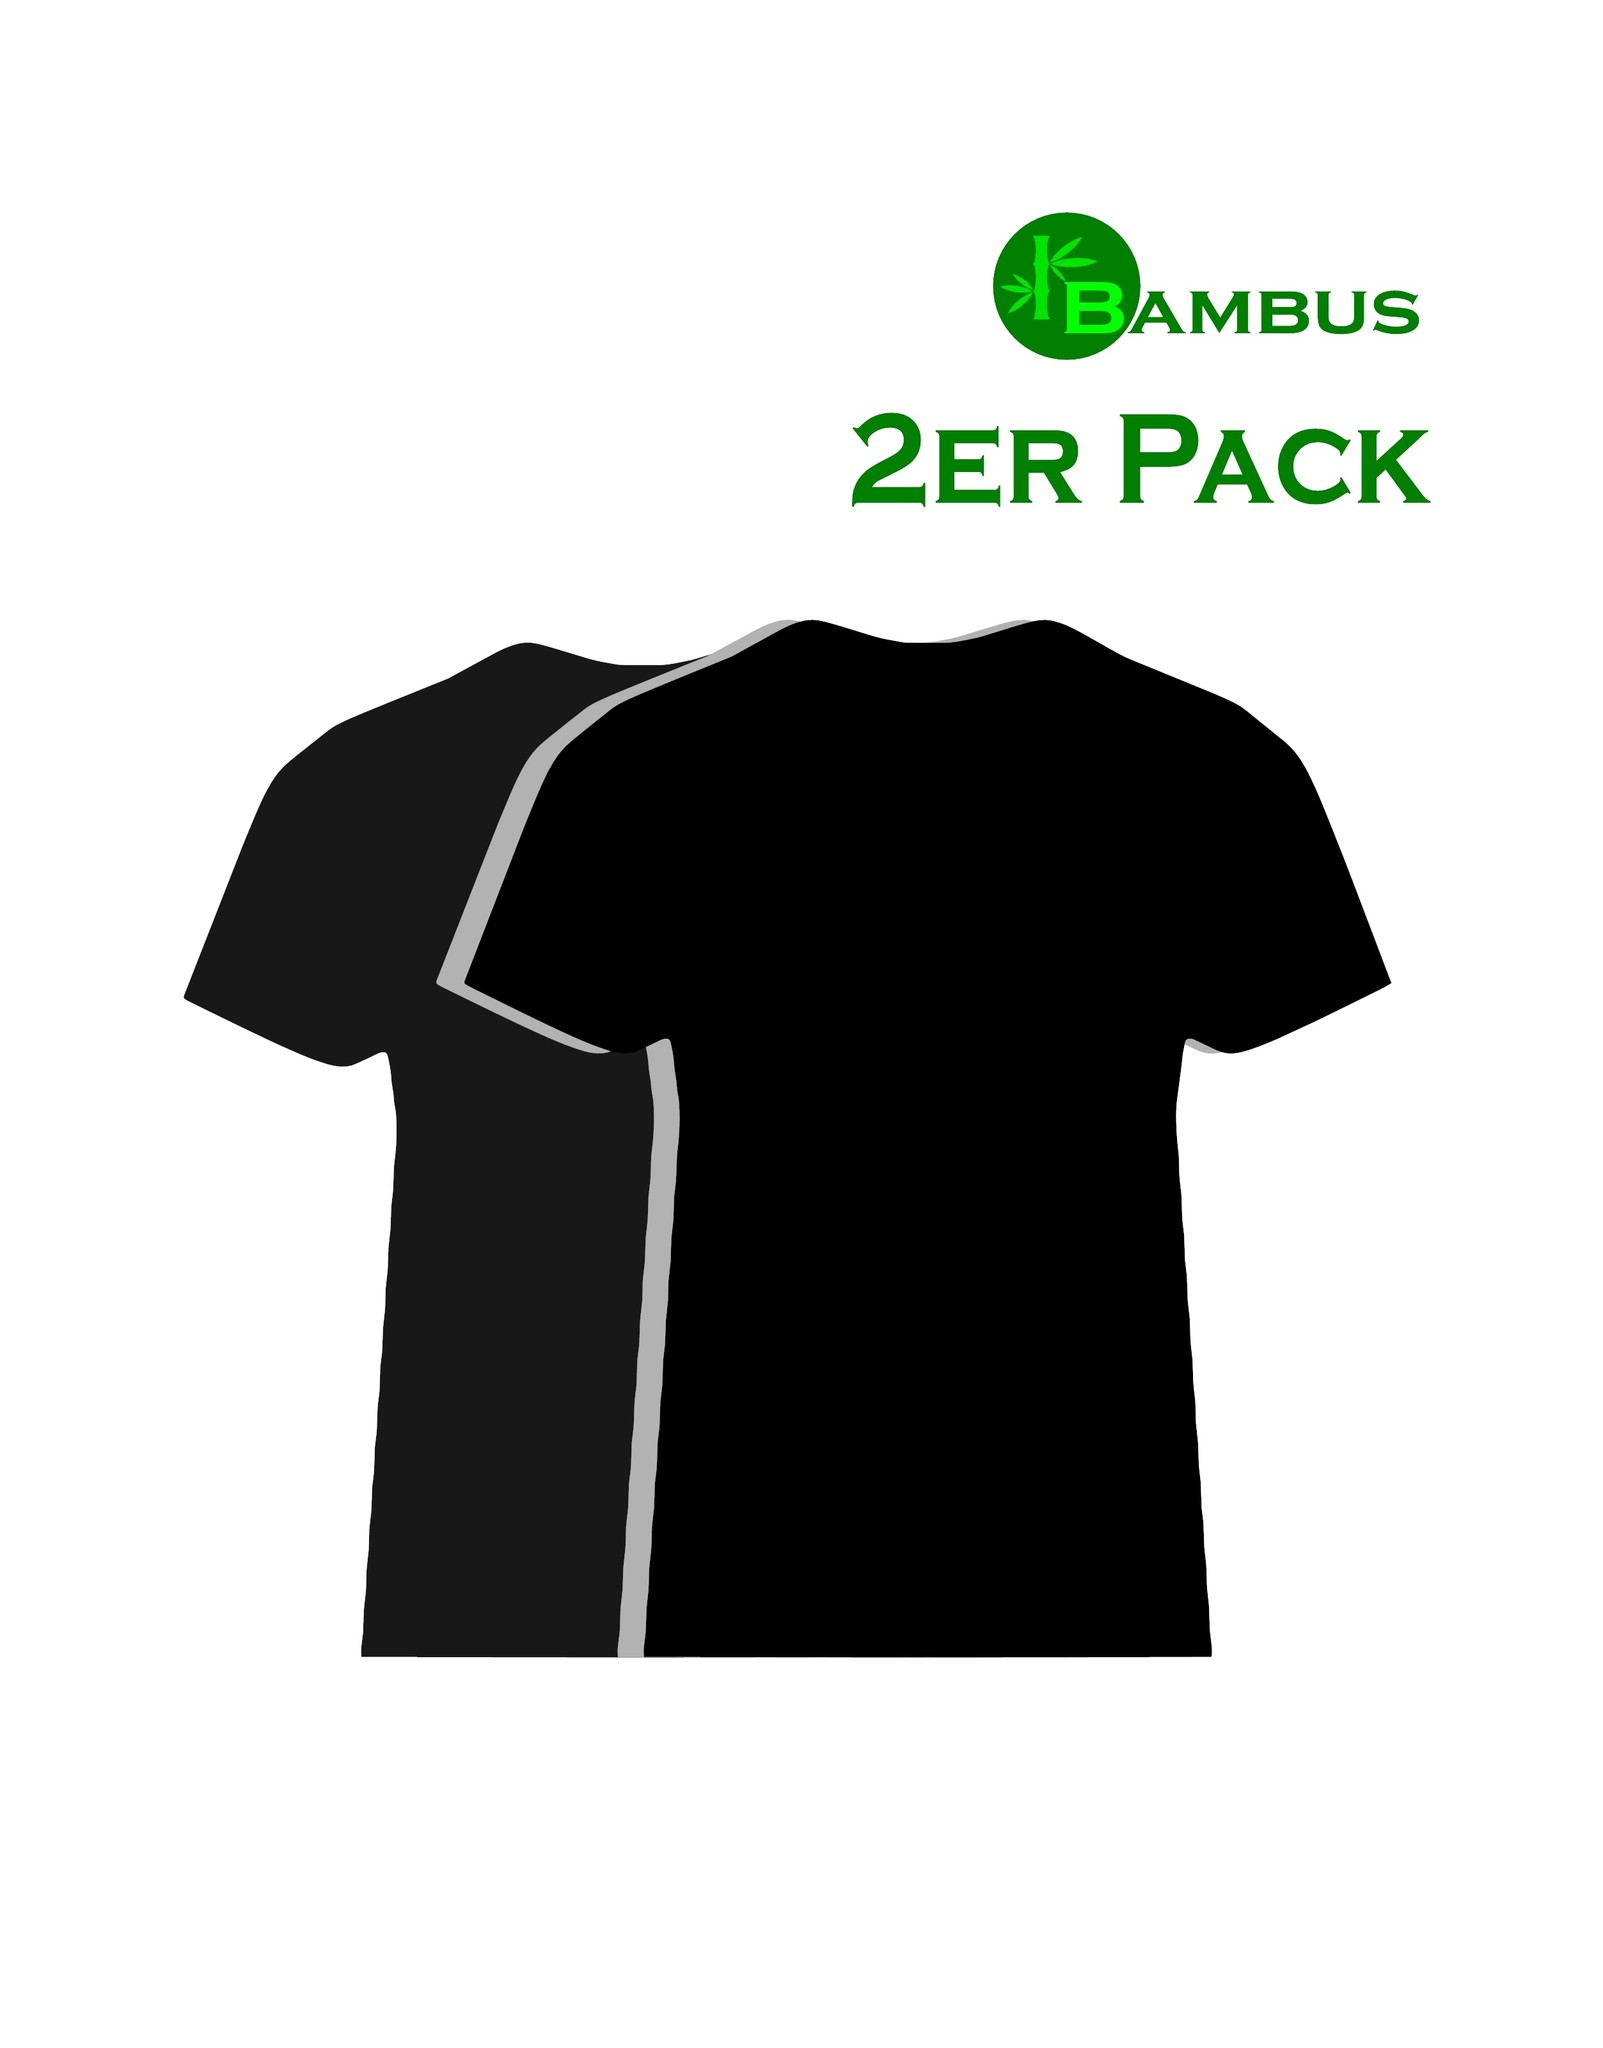 Bambus Kneuss Qualität Bambus Unterhemd, 2er Pack in Kneuss Qualität